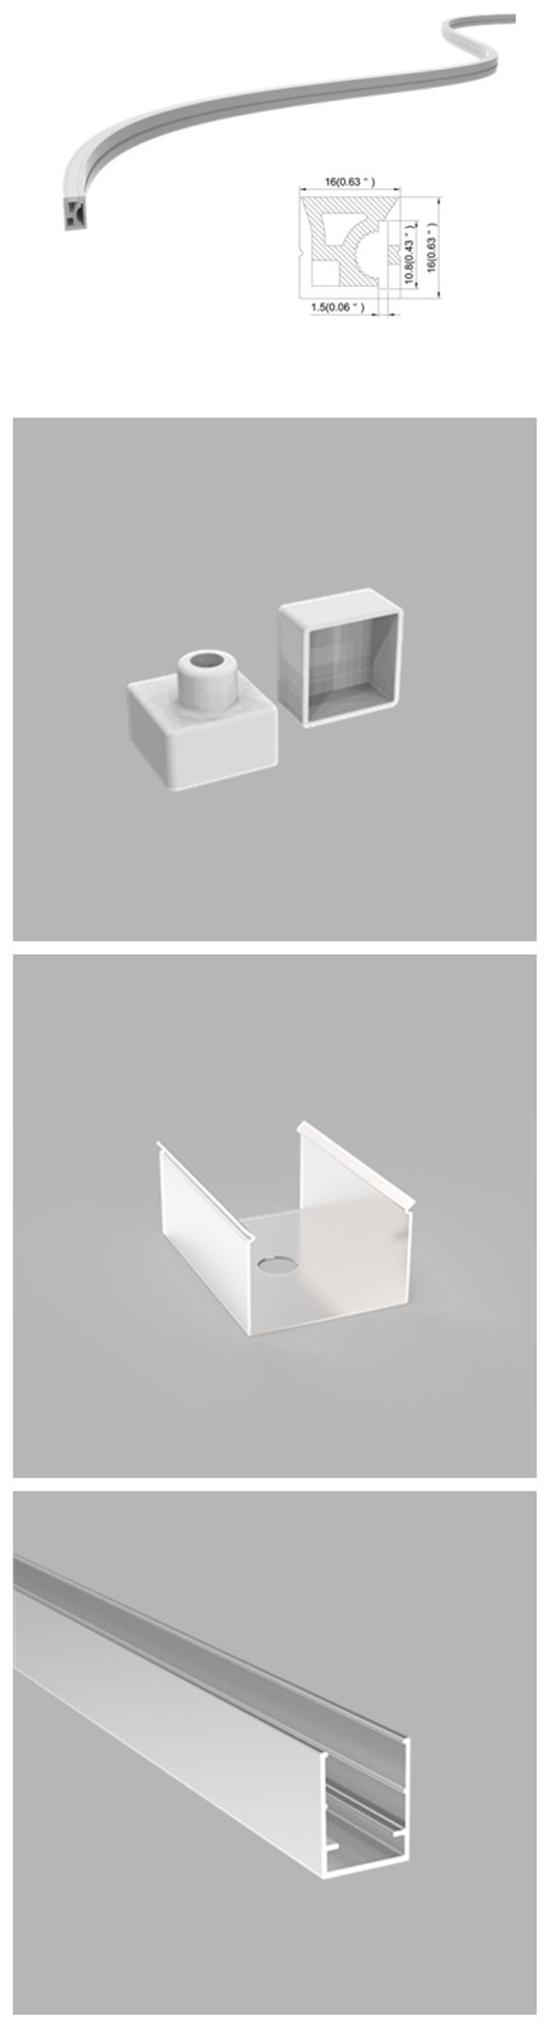 Flexible LED Profile